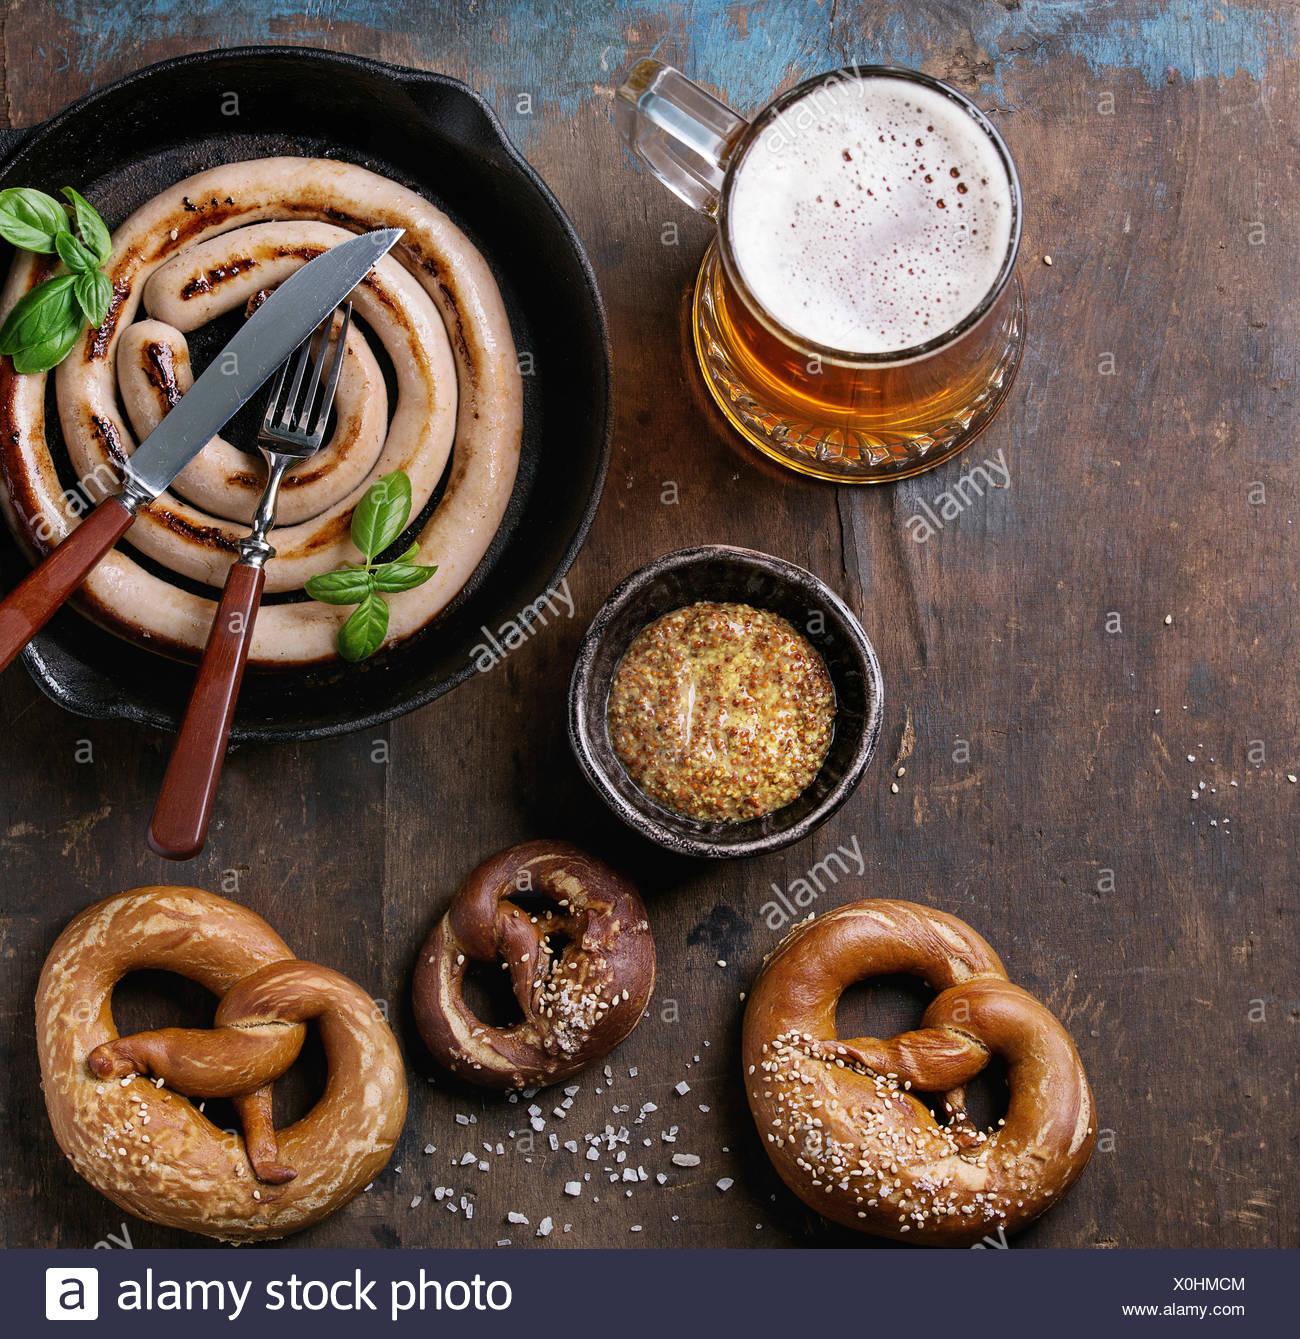 Lager-Bier mit Bratwurst in Pfanne mit Besteck und traditionellen gesalzenen Brezeln und Schüssel mit Senf über alte hölzerne dunklem Glas. Top vi Stockfoto